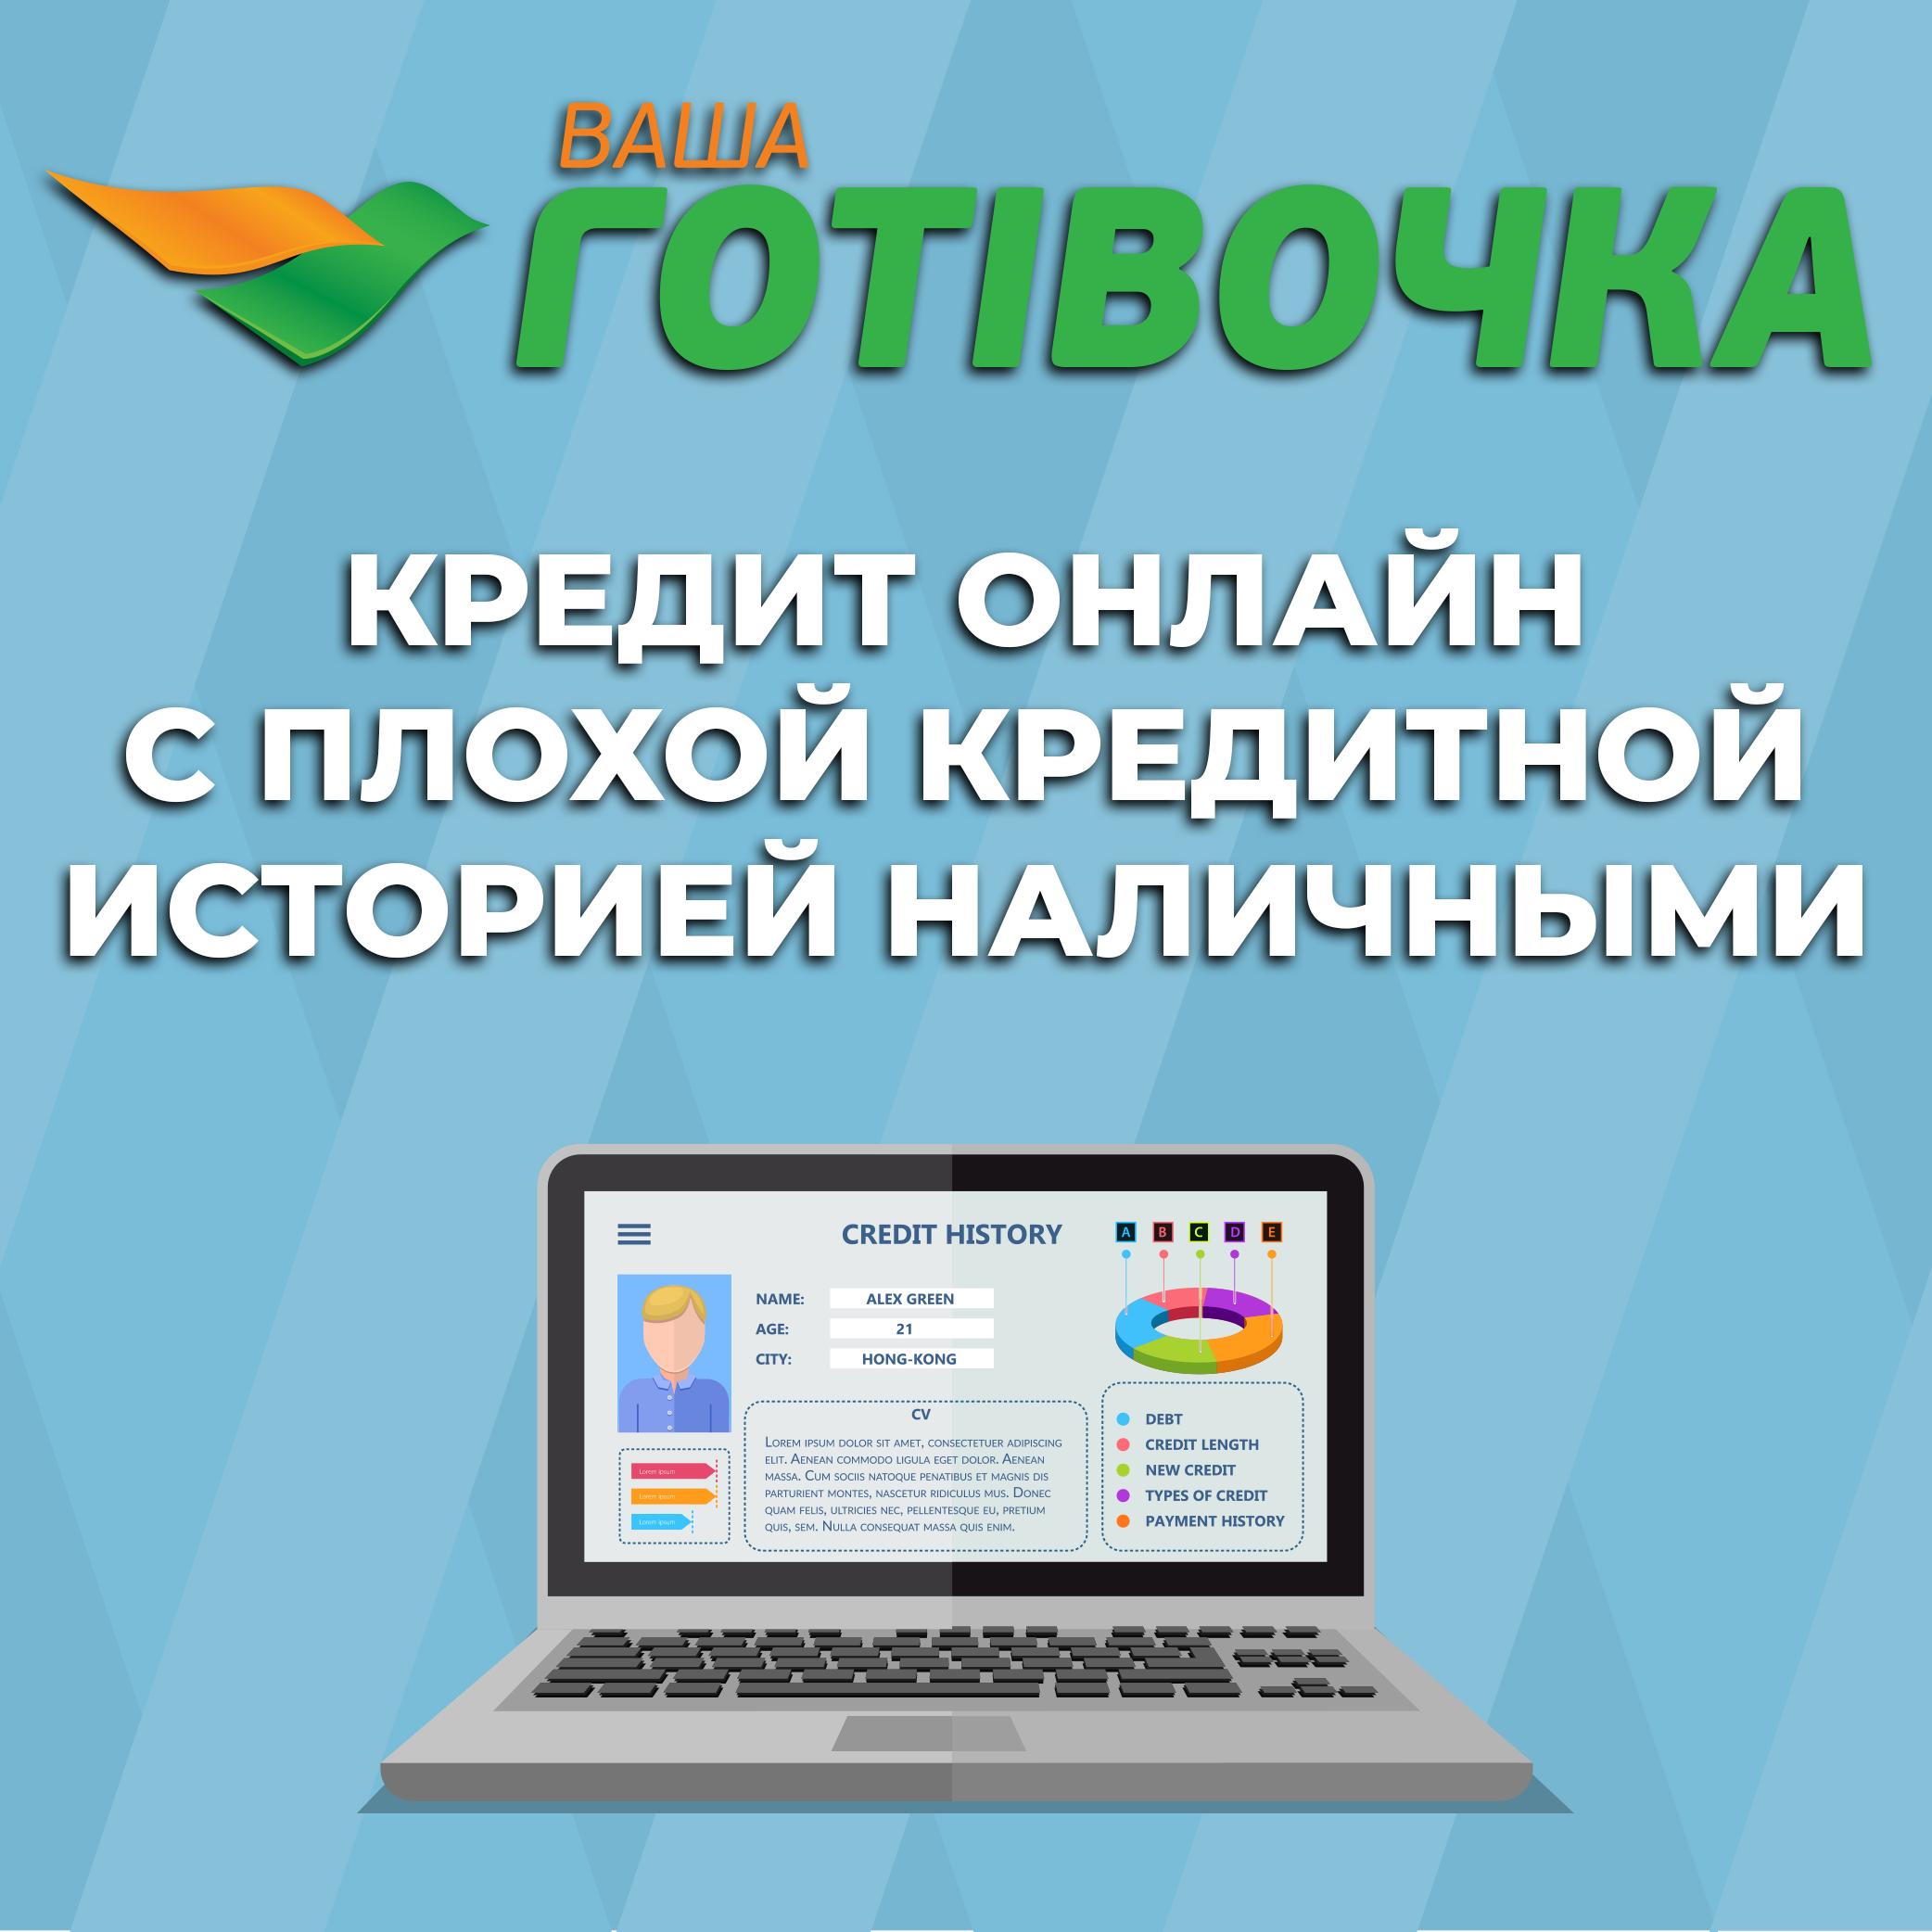 Оформить кредит через онлайн возьму для вас кредит петрозаводск